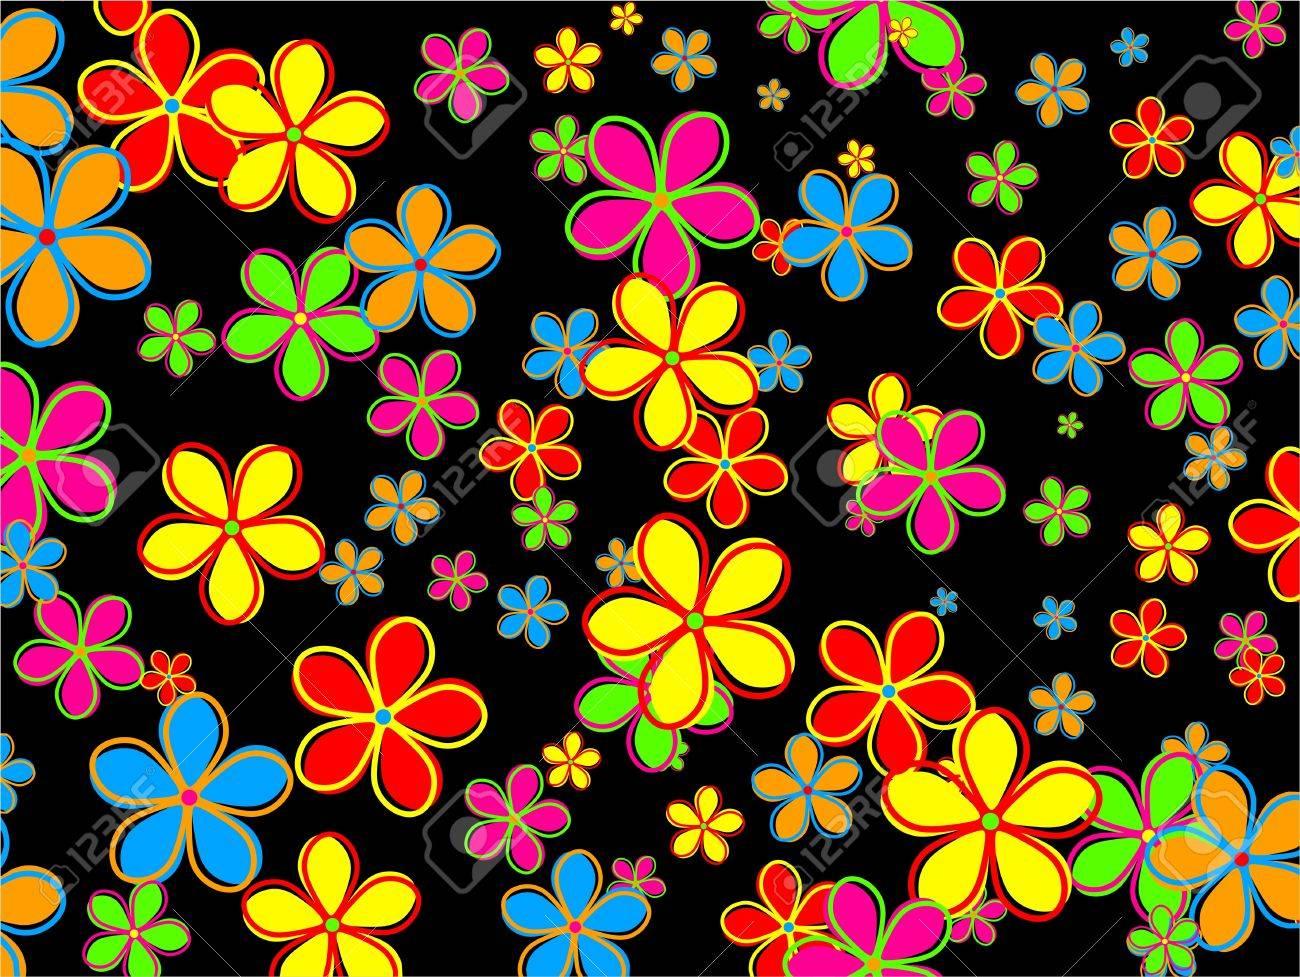 Papier Peint Chic Et Funky Compose De Fleurs Colorees De Style Retro